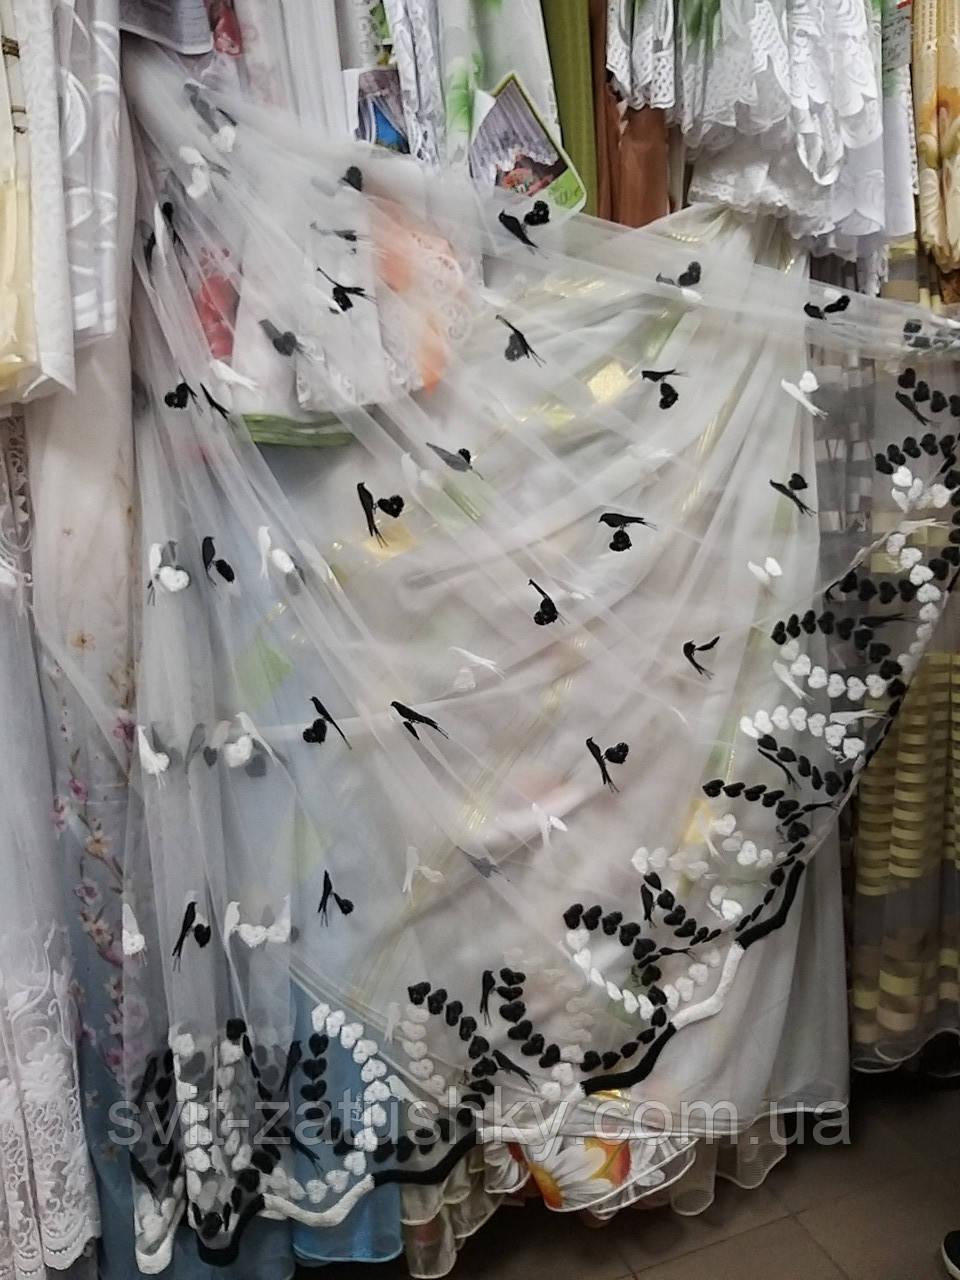 Тюль чорно-біла фатинова з вишивкою /Гардина чорно-белая фатиновая с вышивкой